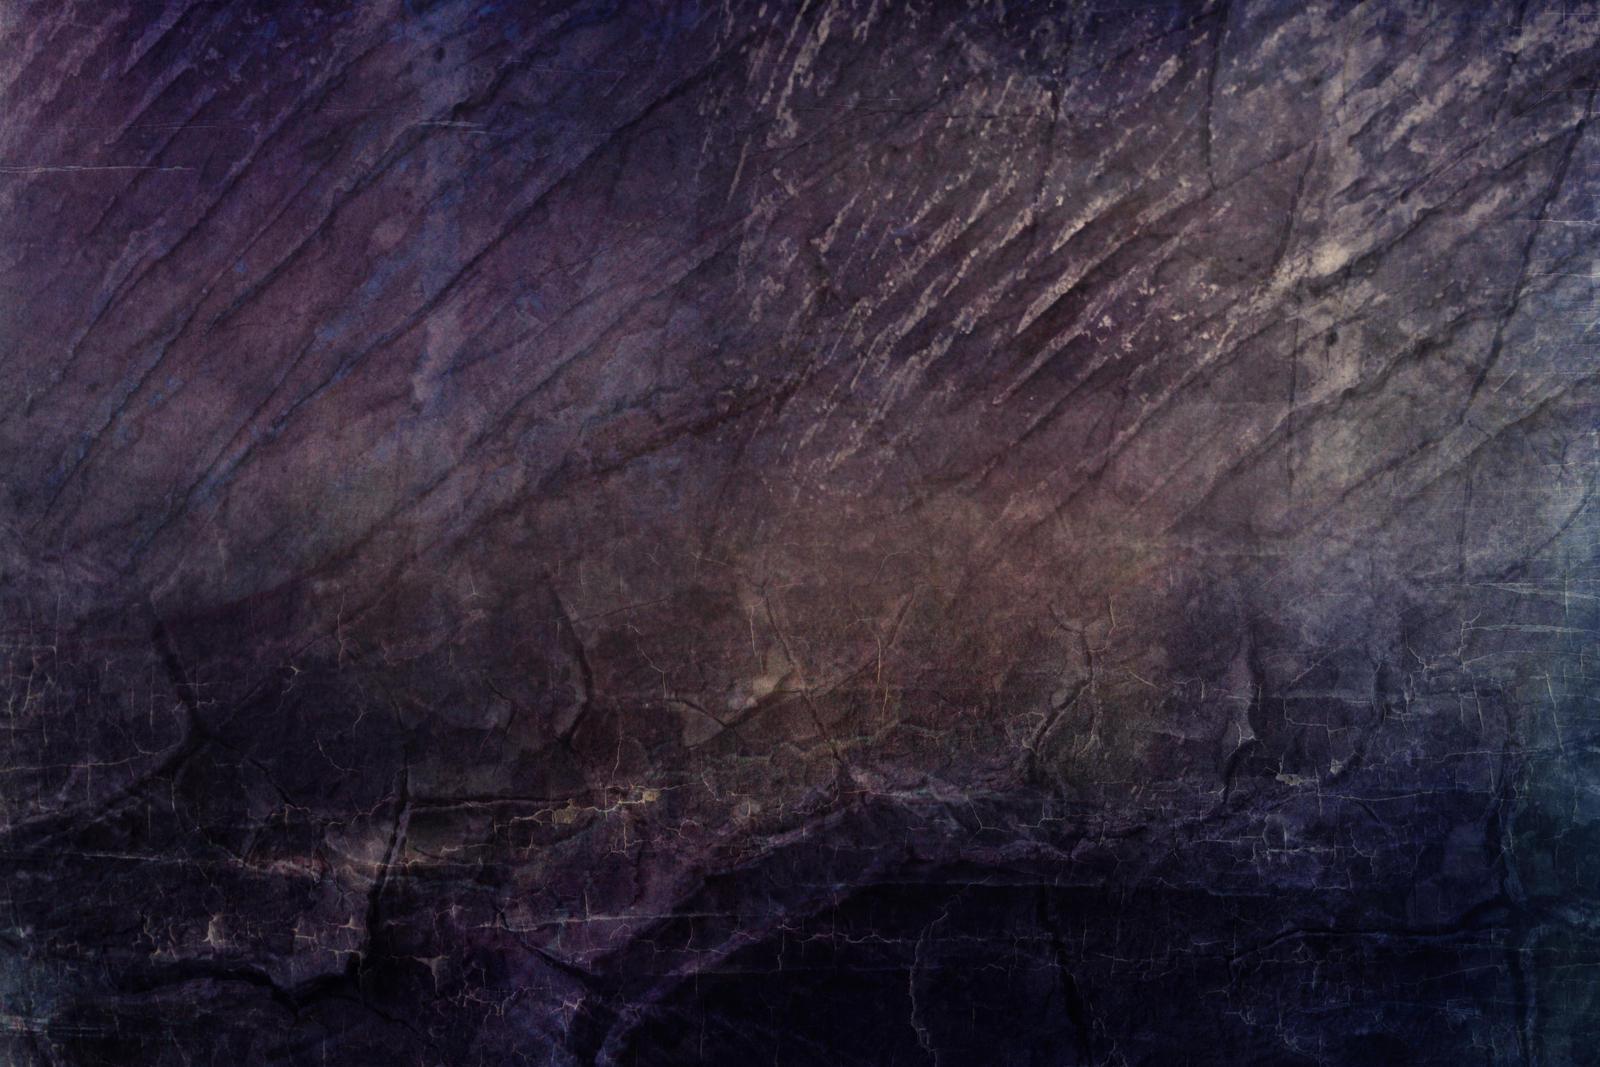 Texture 465 by Sirius-sdz